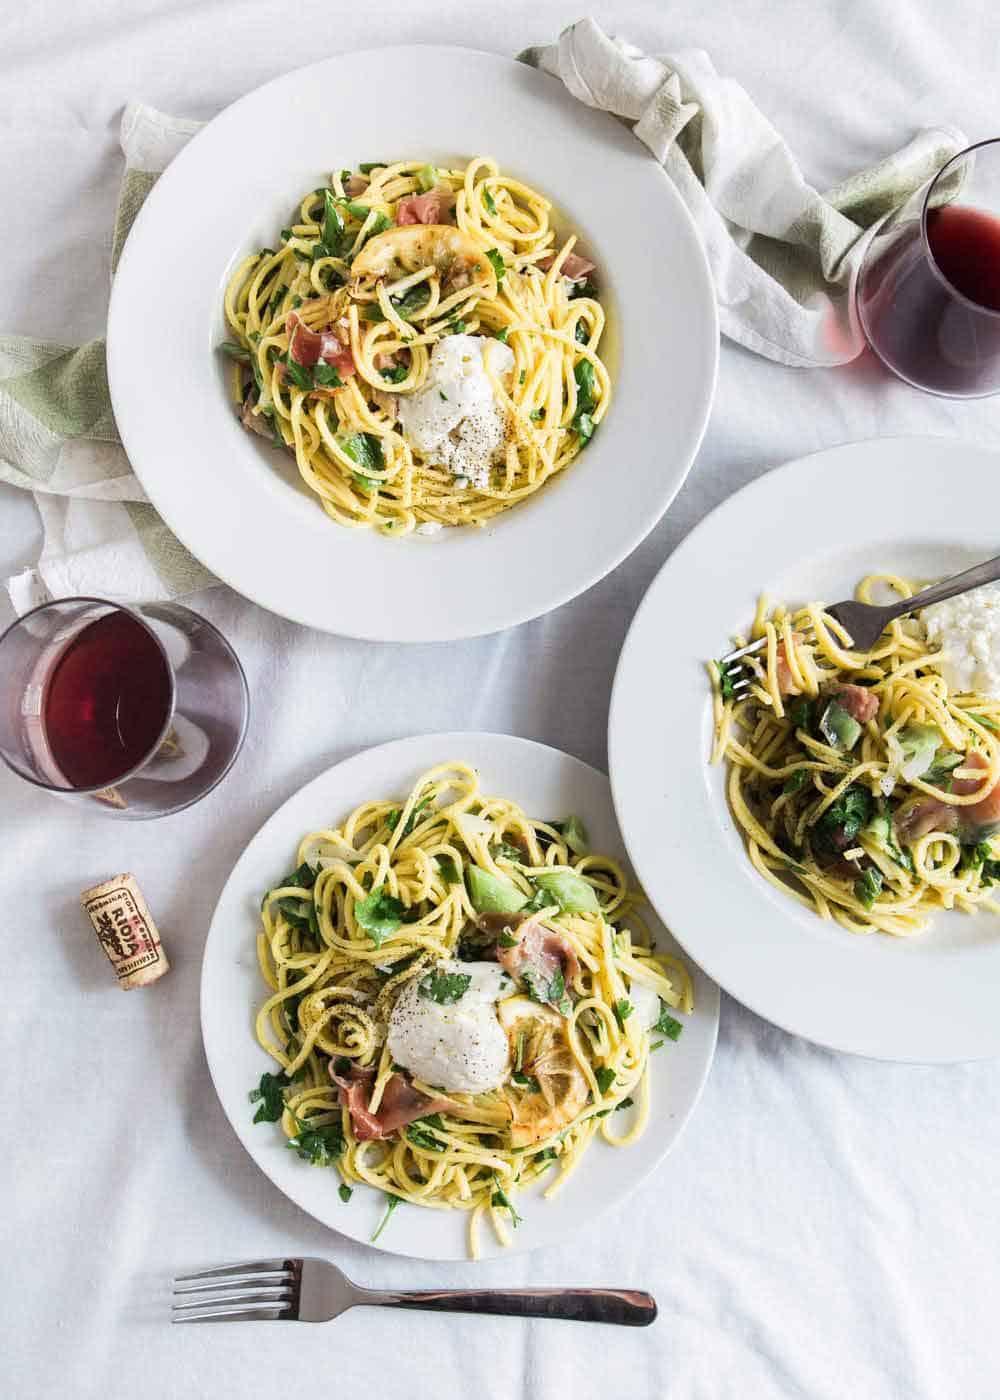 Resepi Spaghetti Aglio Olio Ayam Diet